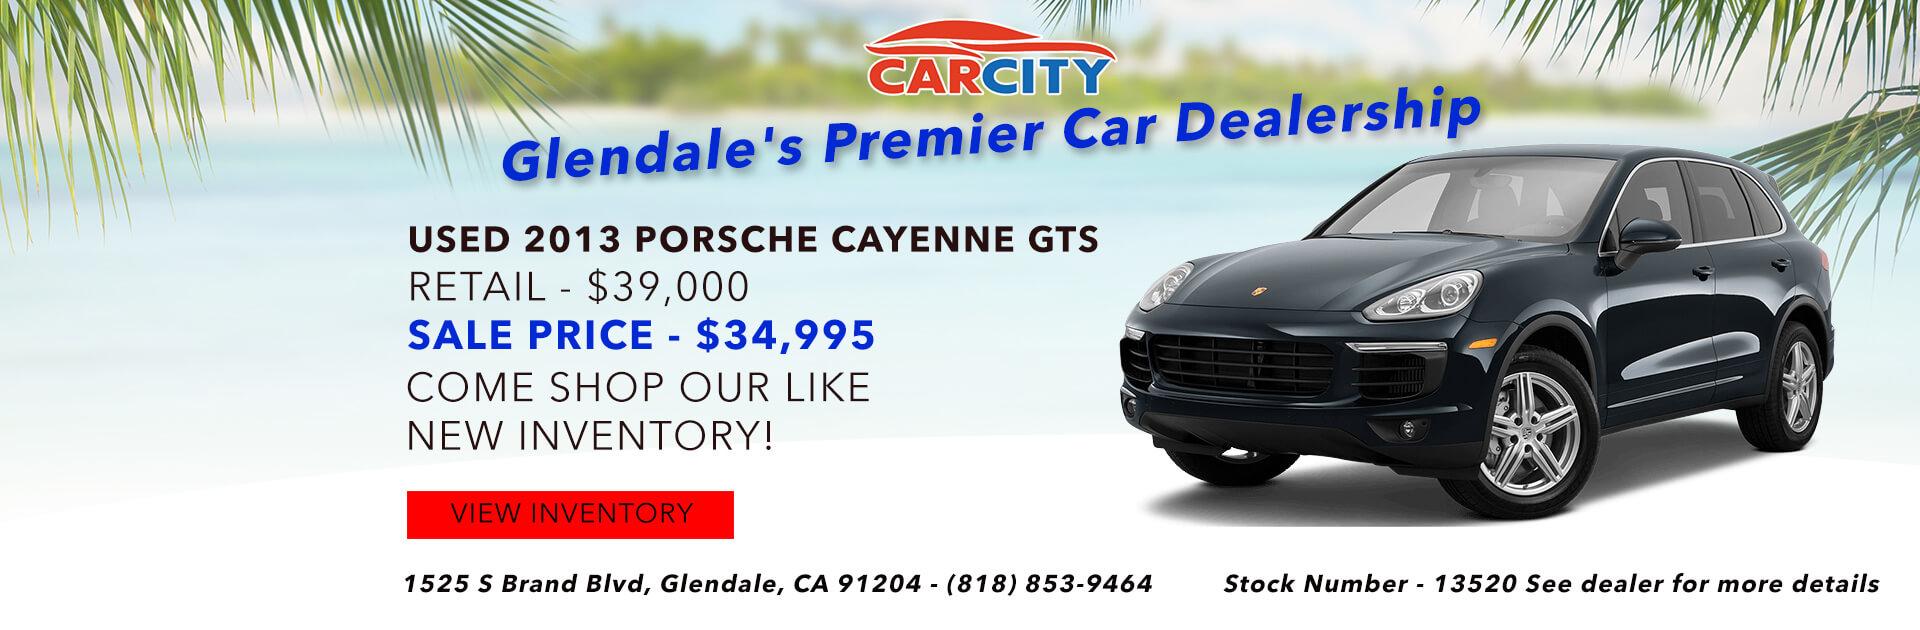 Cayenne GTS